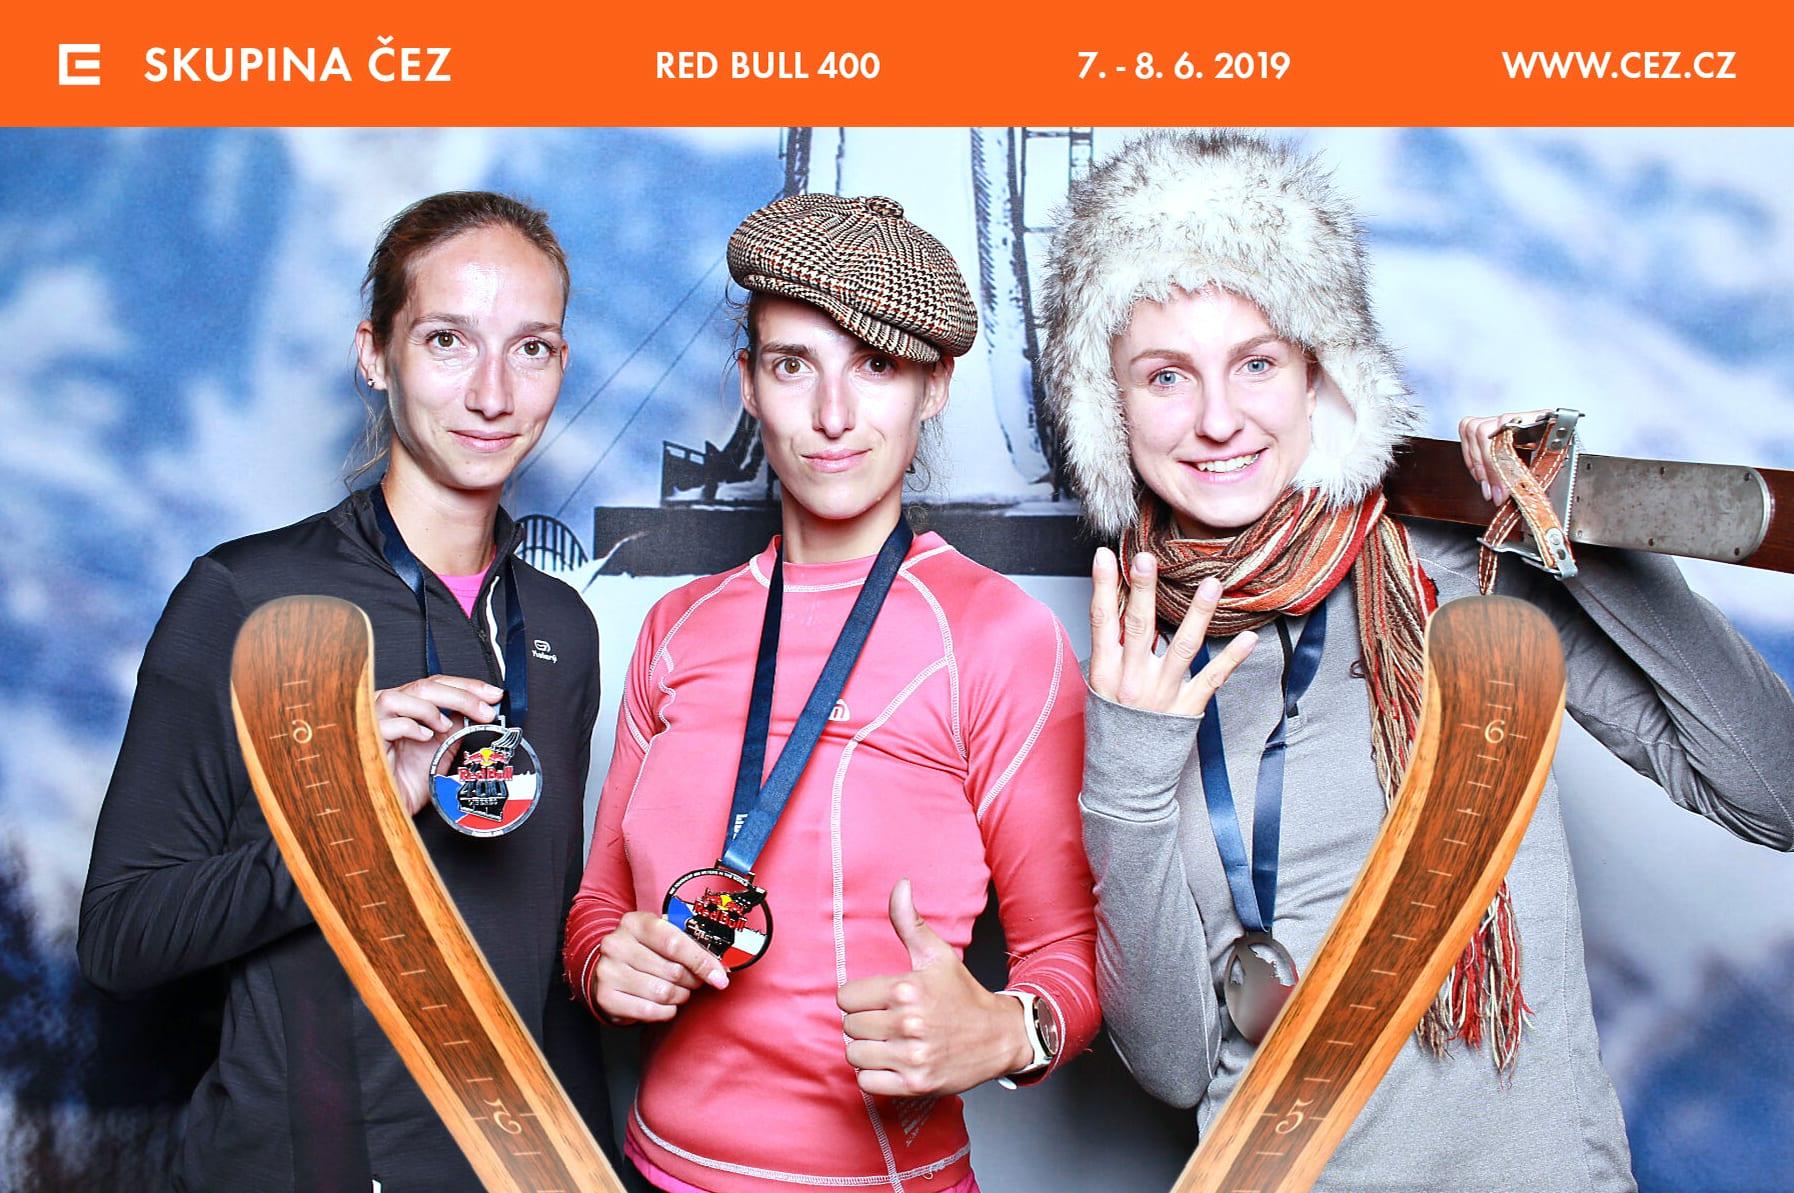 fotokoutek-liberec-promo-akce-cez-red-bull-7-6-2019-621158